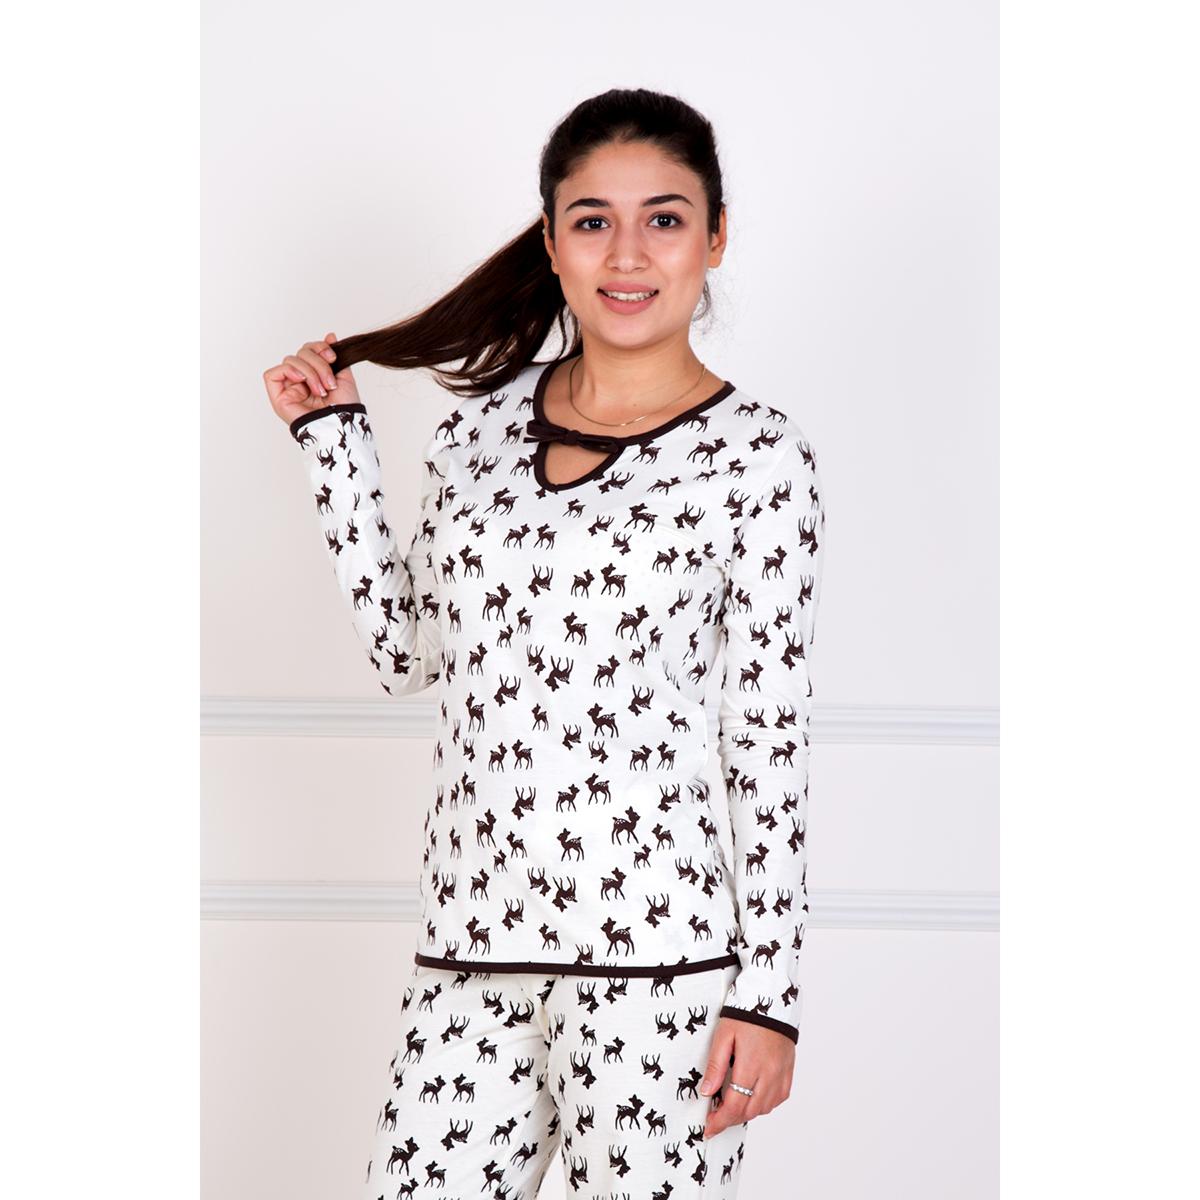 Женская пижама Олененок, размер 48Пижамы и ночные сорочки<br>Обхват груди:96 см<br>Обхват талии:78 см<br>Обхват бедер:104 см<br>Рост:167 см<br><br>Тип: Жен. костюм<br>Размер: 48<br>Материал: Кулирка